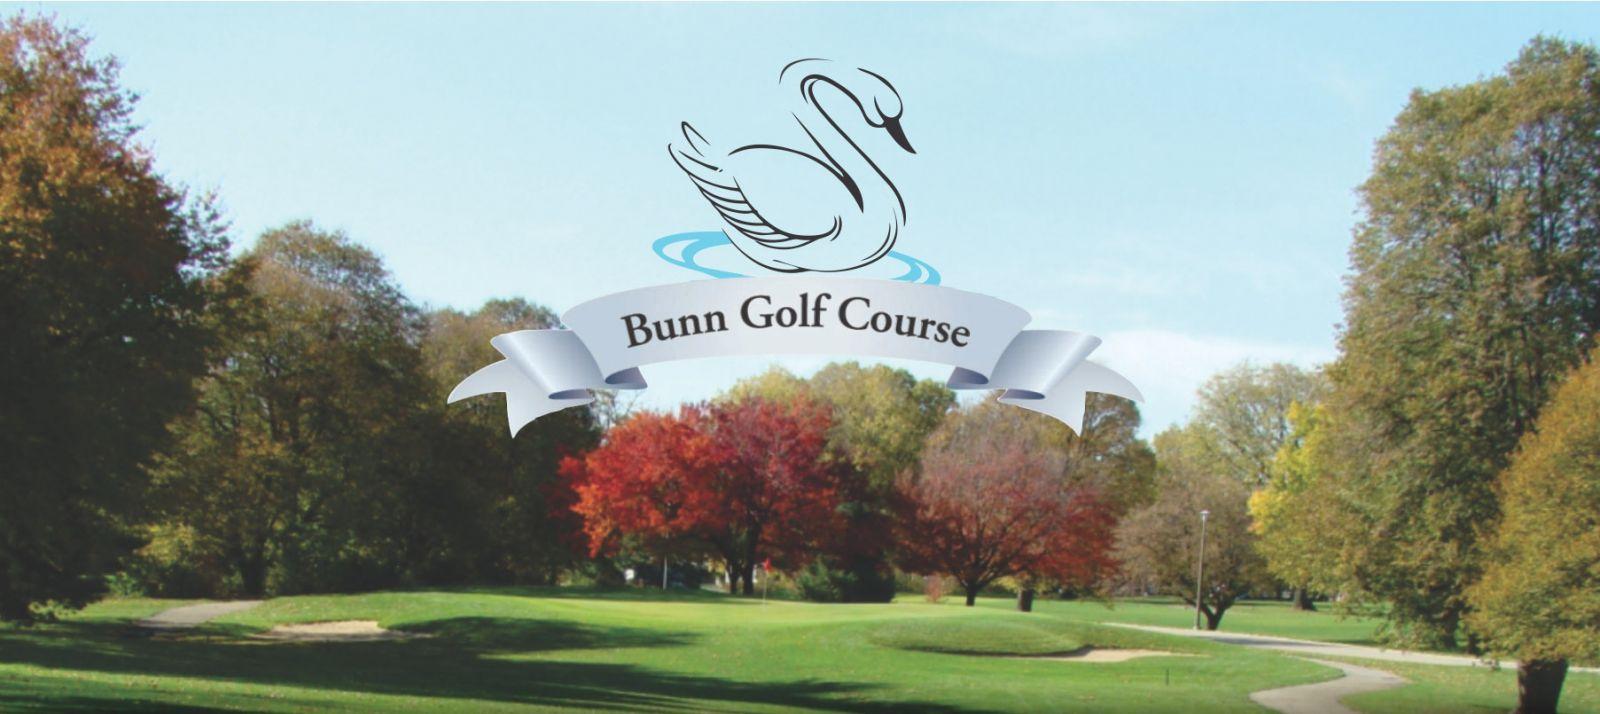 Bunn Golf Course